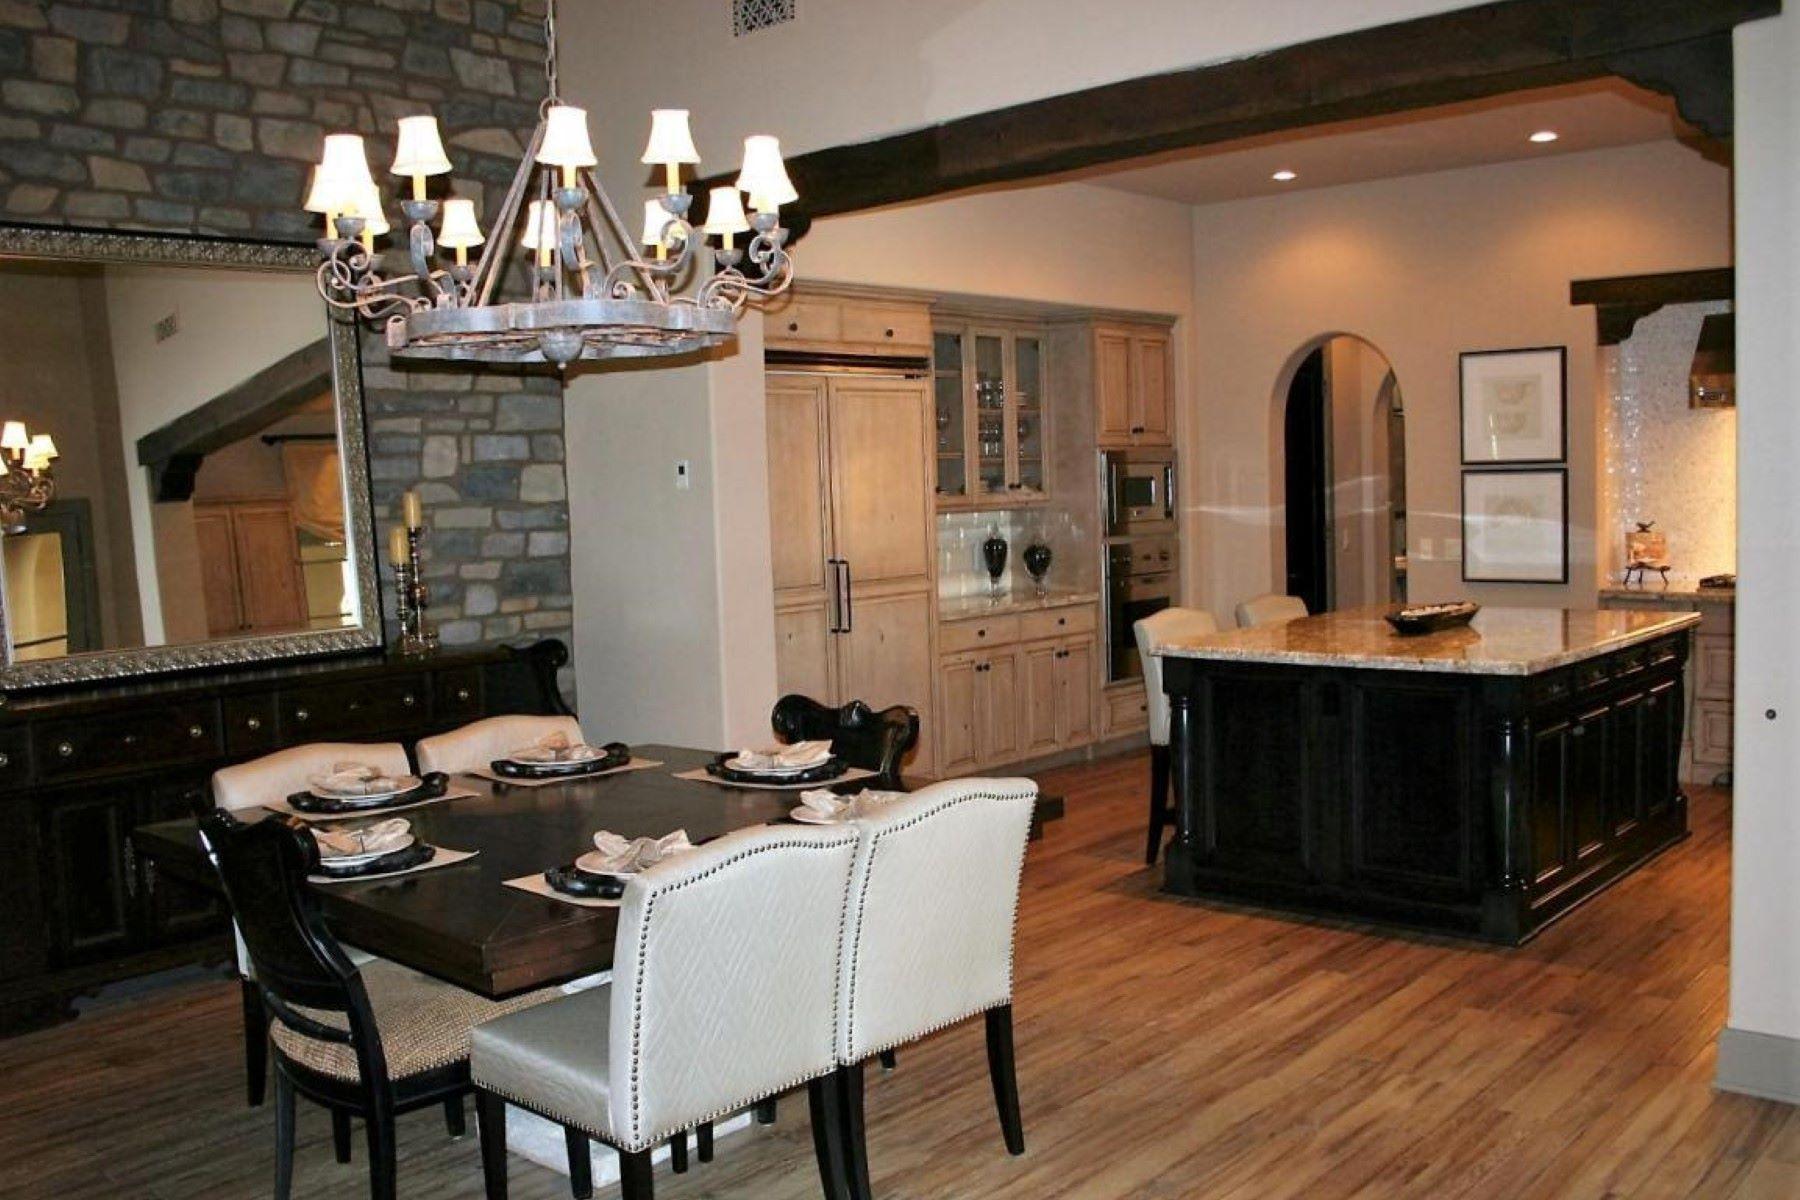 타운하우스 용 매매 에 Gorgeous former Park Villa model located on Jacaranda Park 19992 N 101st Pl Scottsdale, 아리조나, 85255 미국